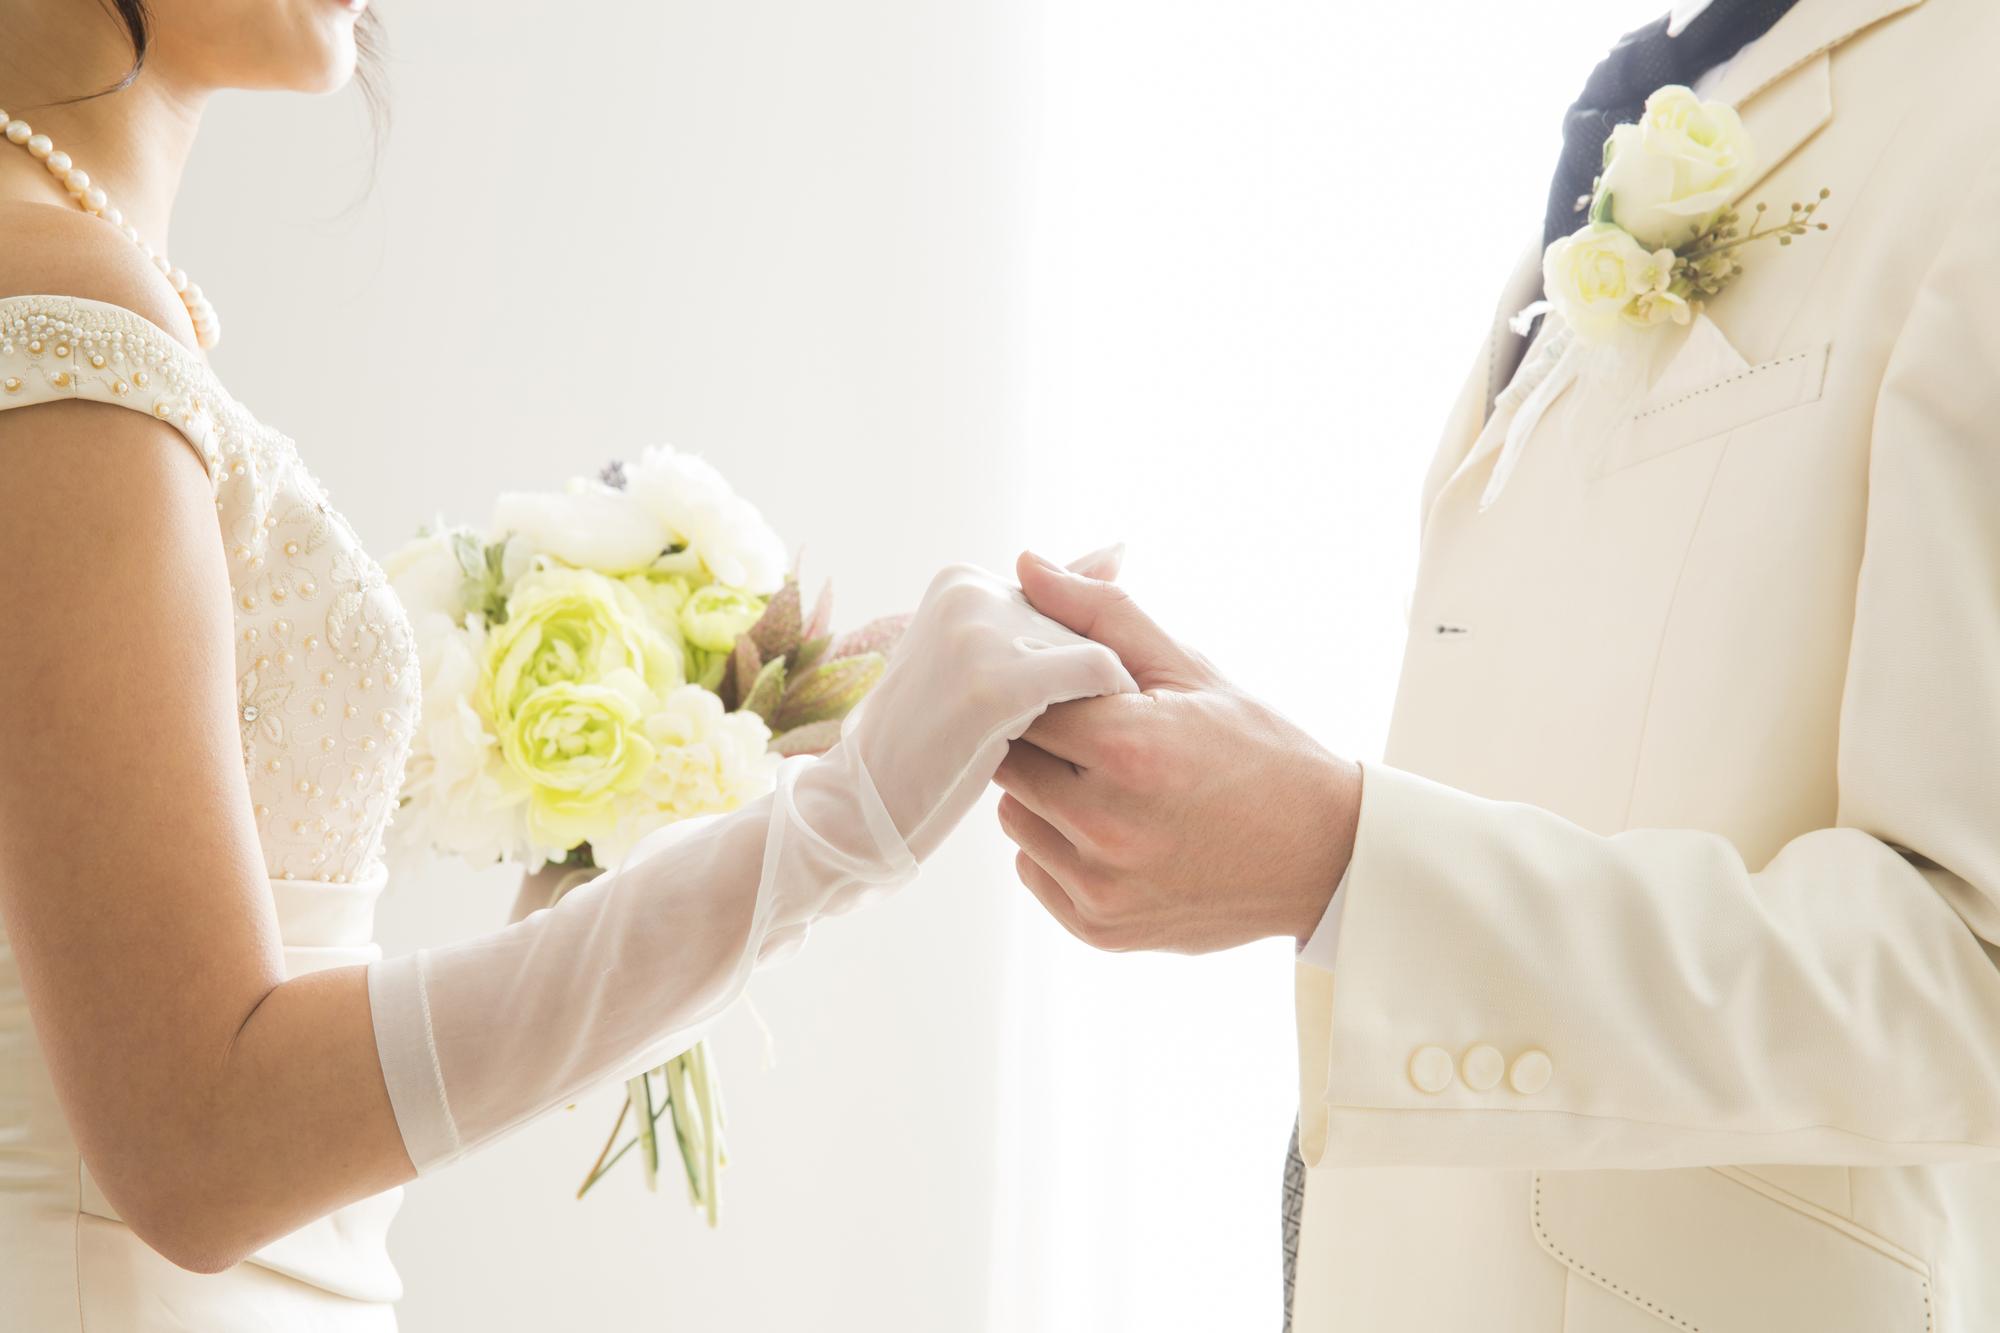 【結婚に関するアンケートから考える】年収別・雇用形態別「今結婚しない理由」について